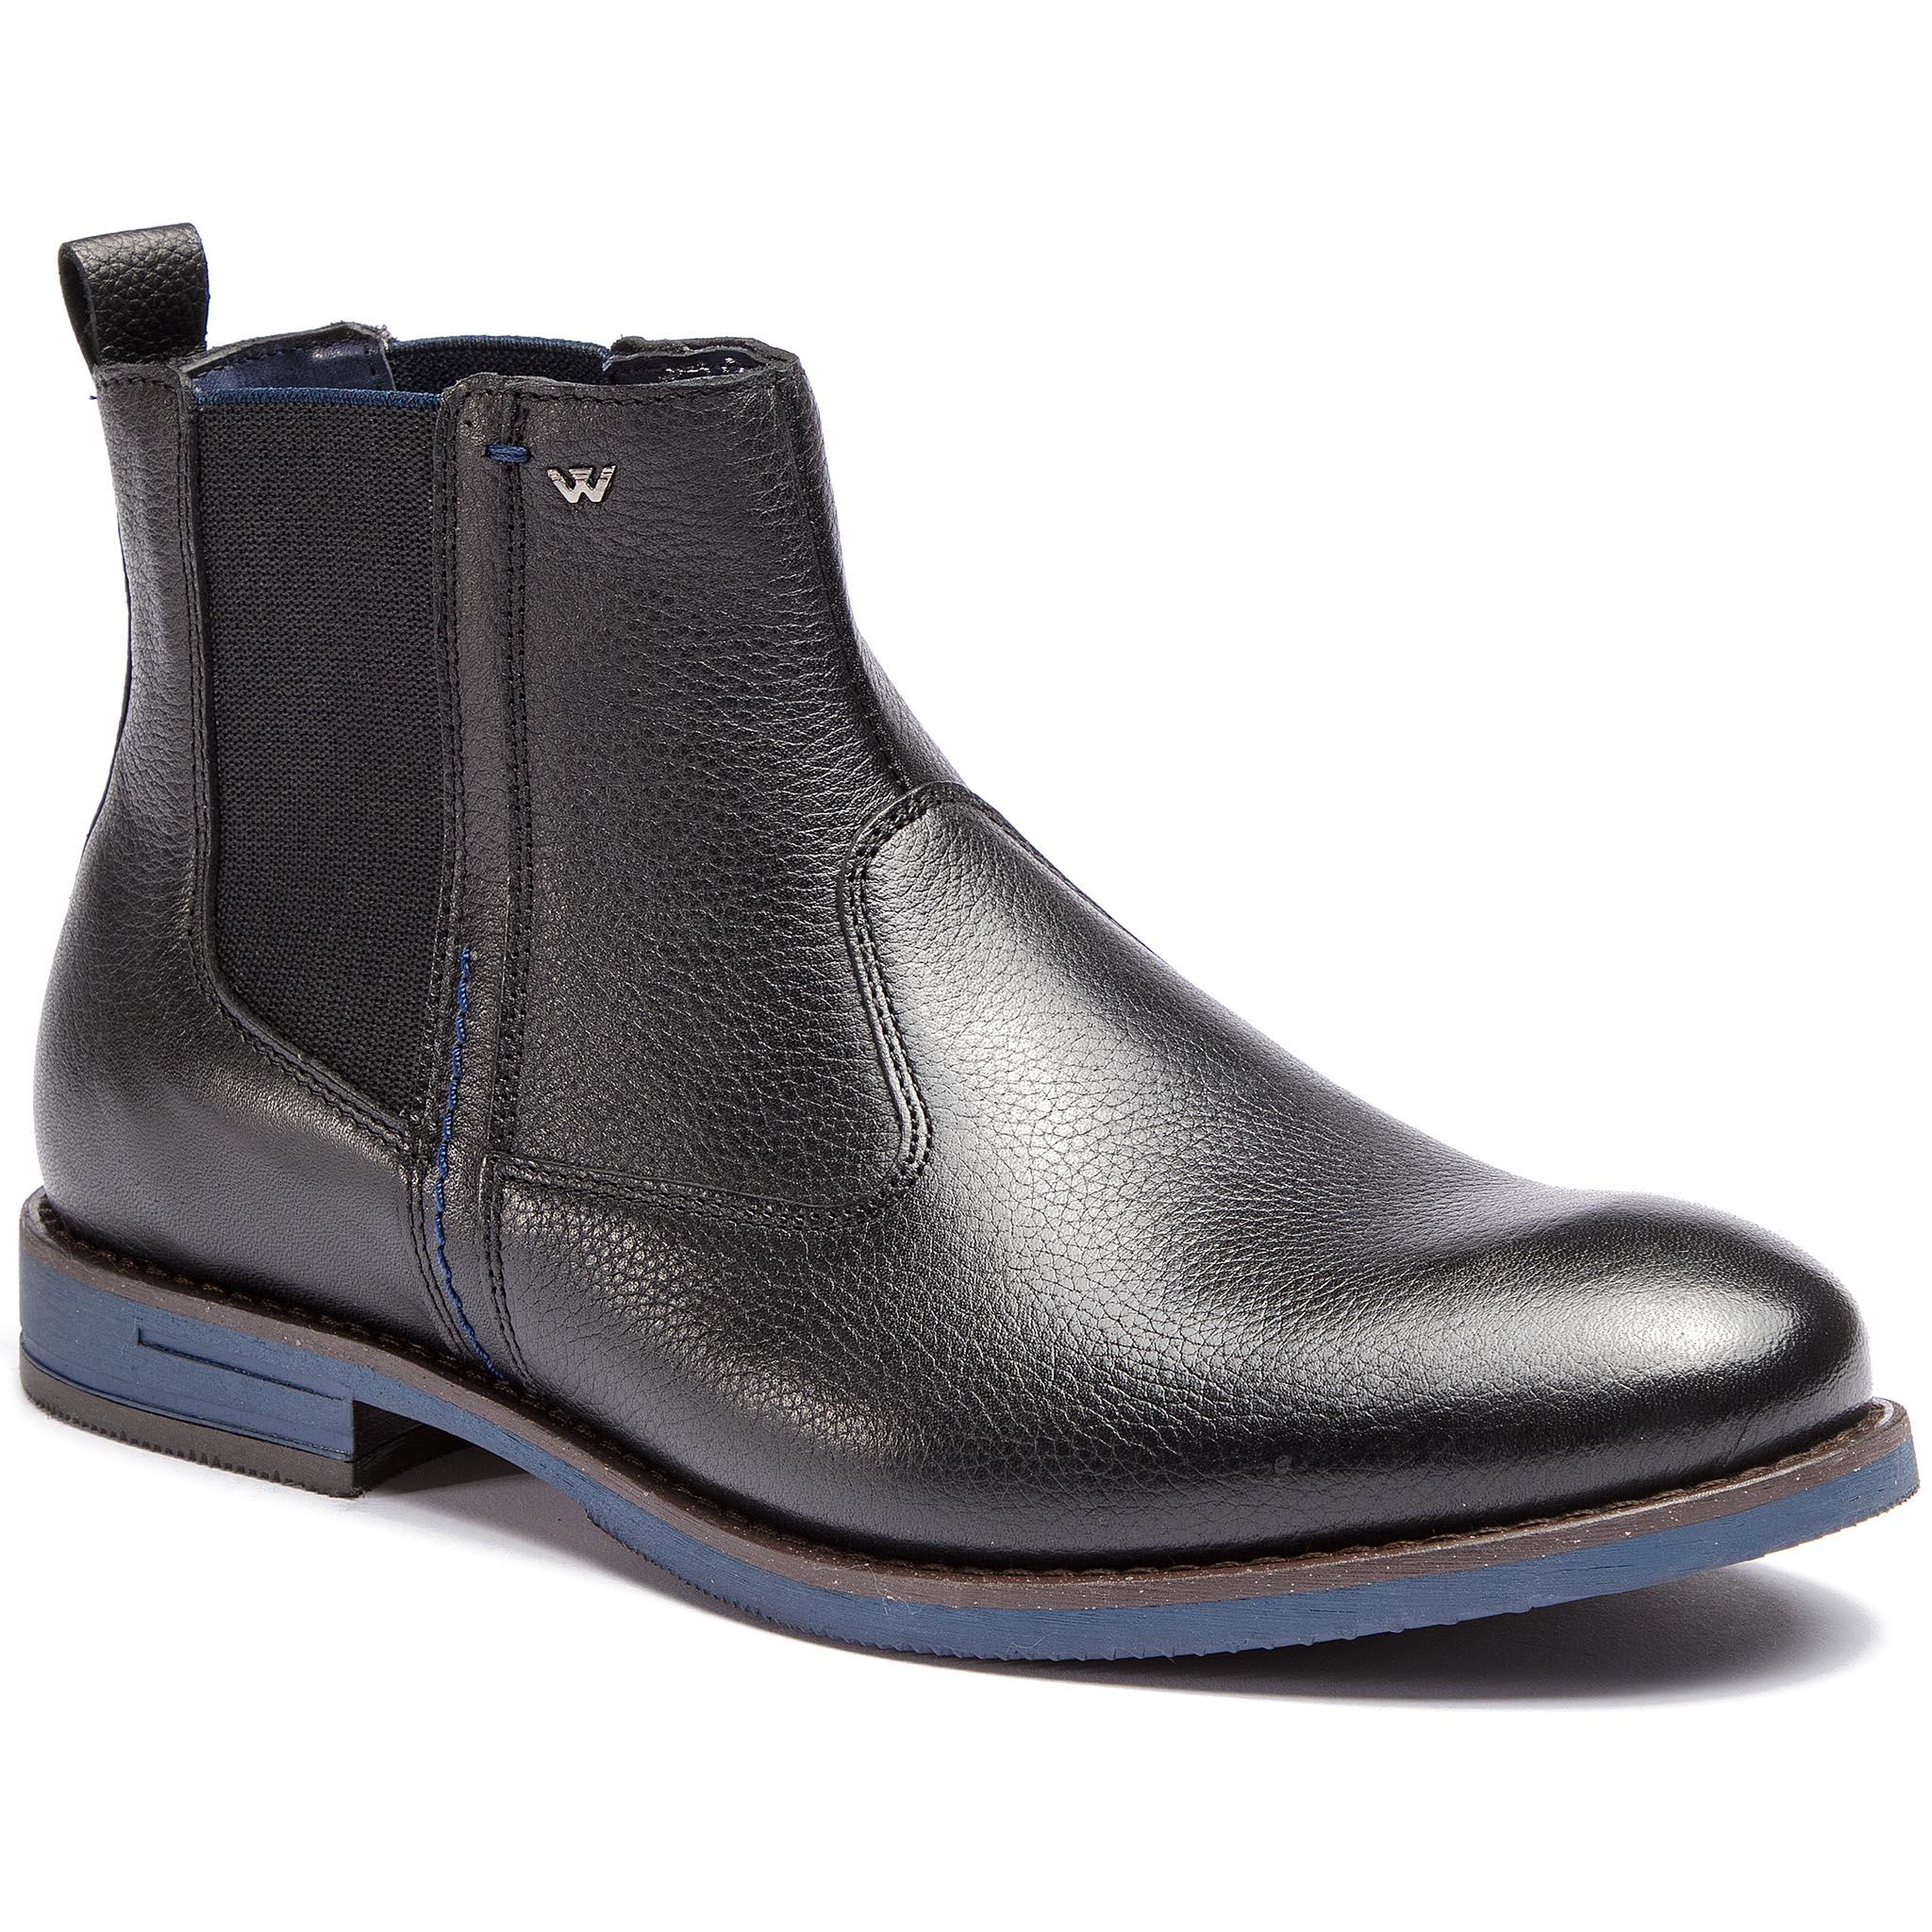 ... obuv s elastickým prvkom WOJAS - 8160-51 Čierna. -20%. Kotníková ... 6f338ac0c2